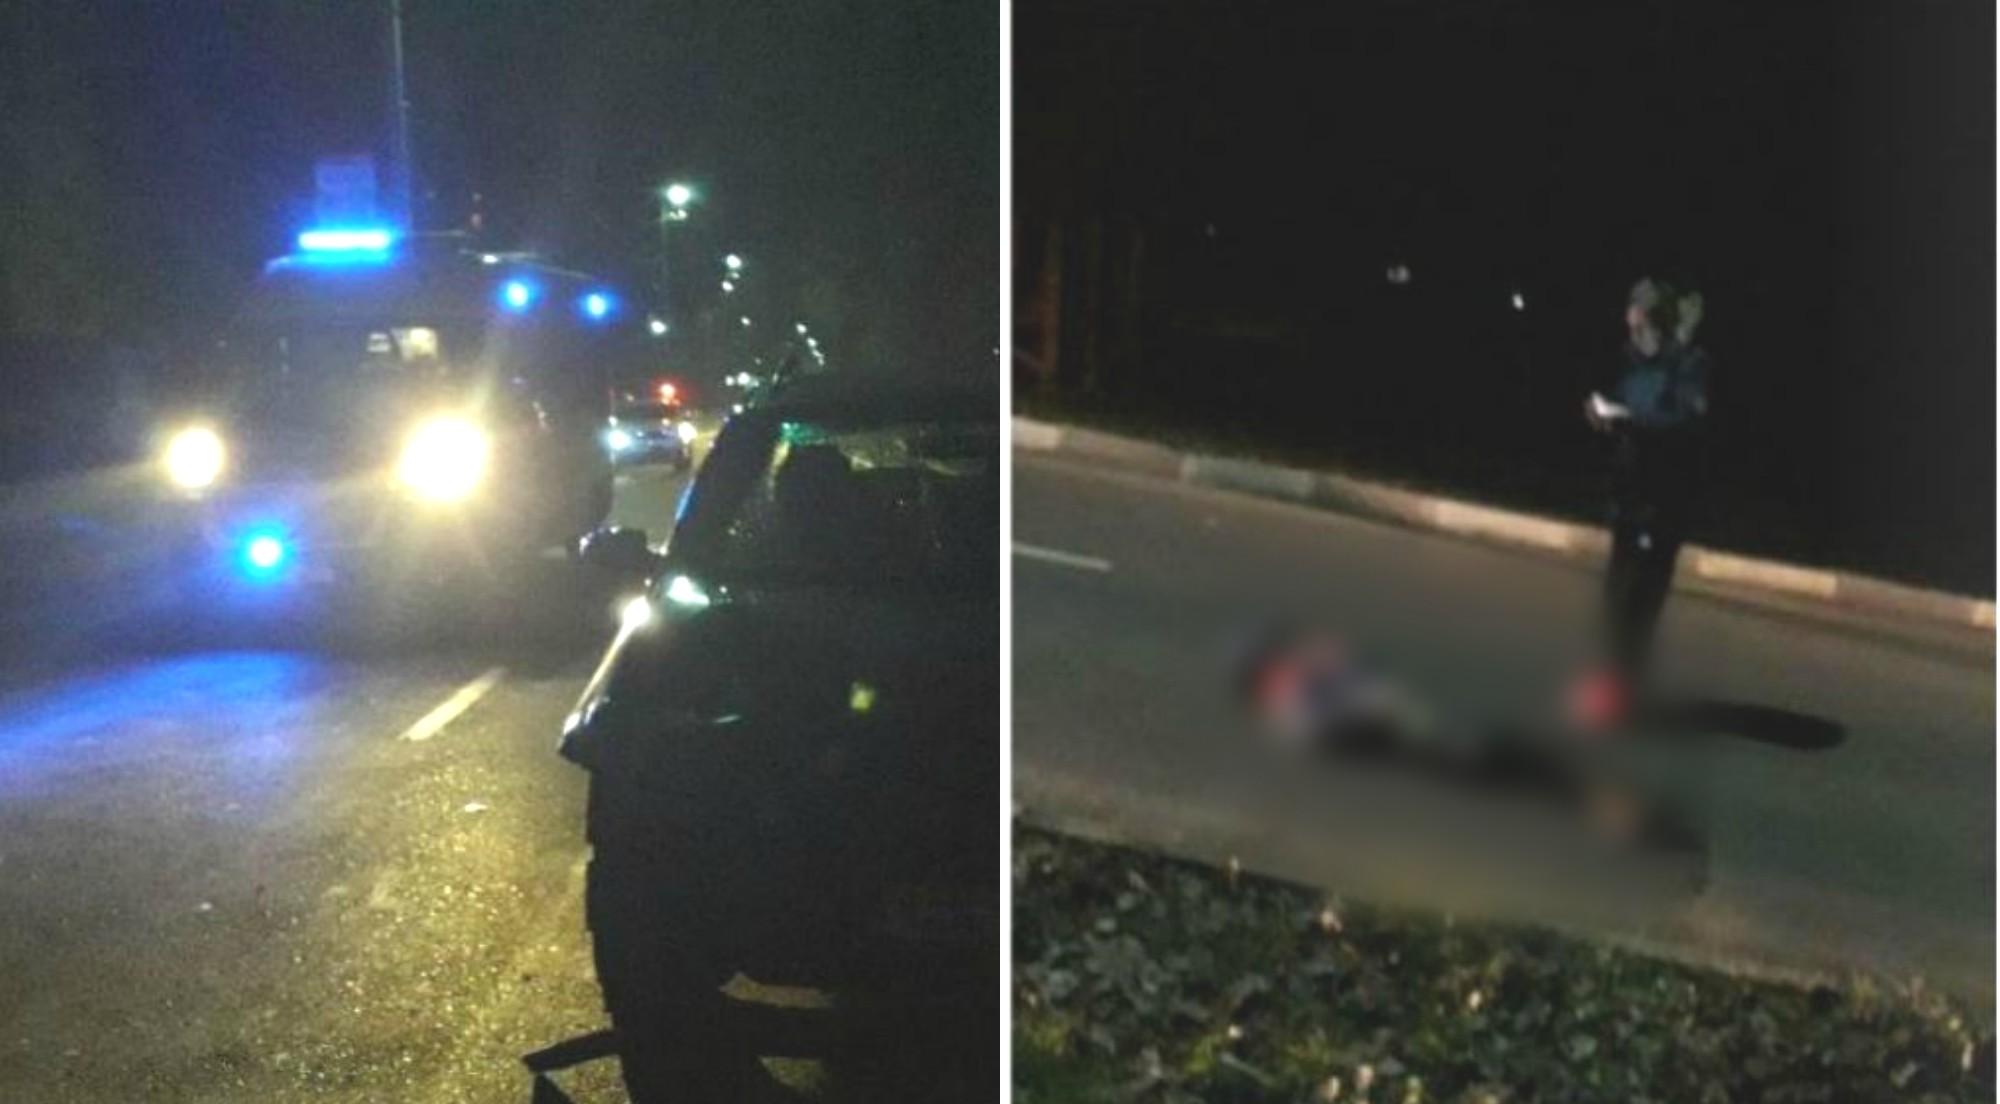 Foto: Accident fatal la Bălți. O tânără a murit pe loc, iar un tânăr se află în stare gravă